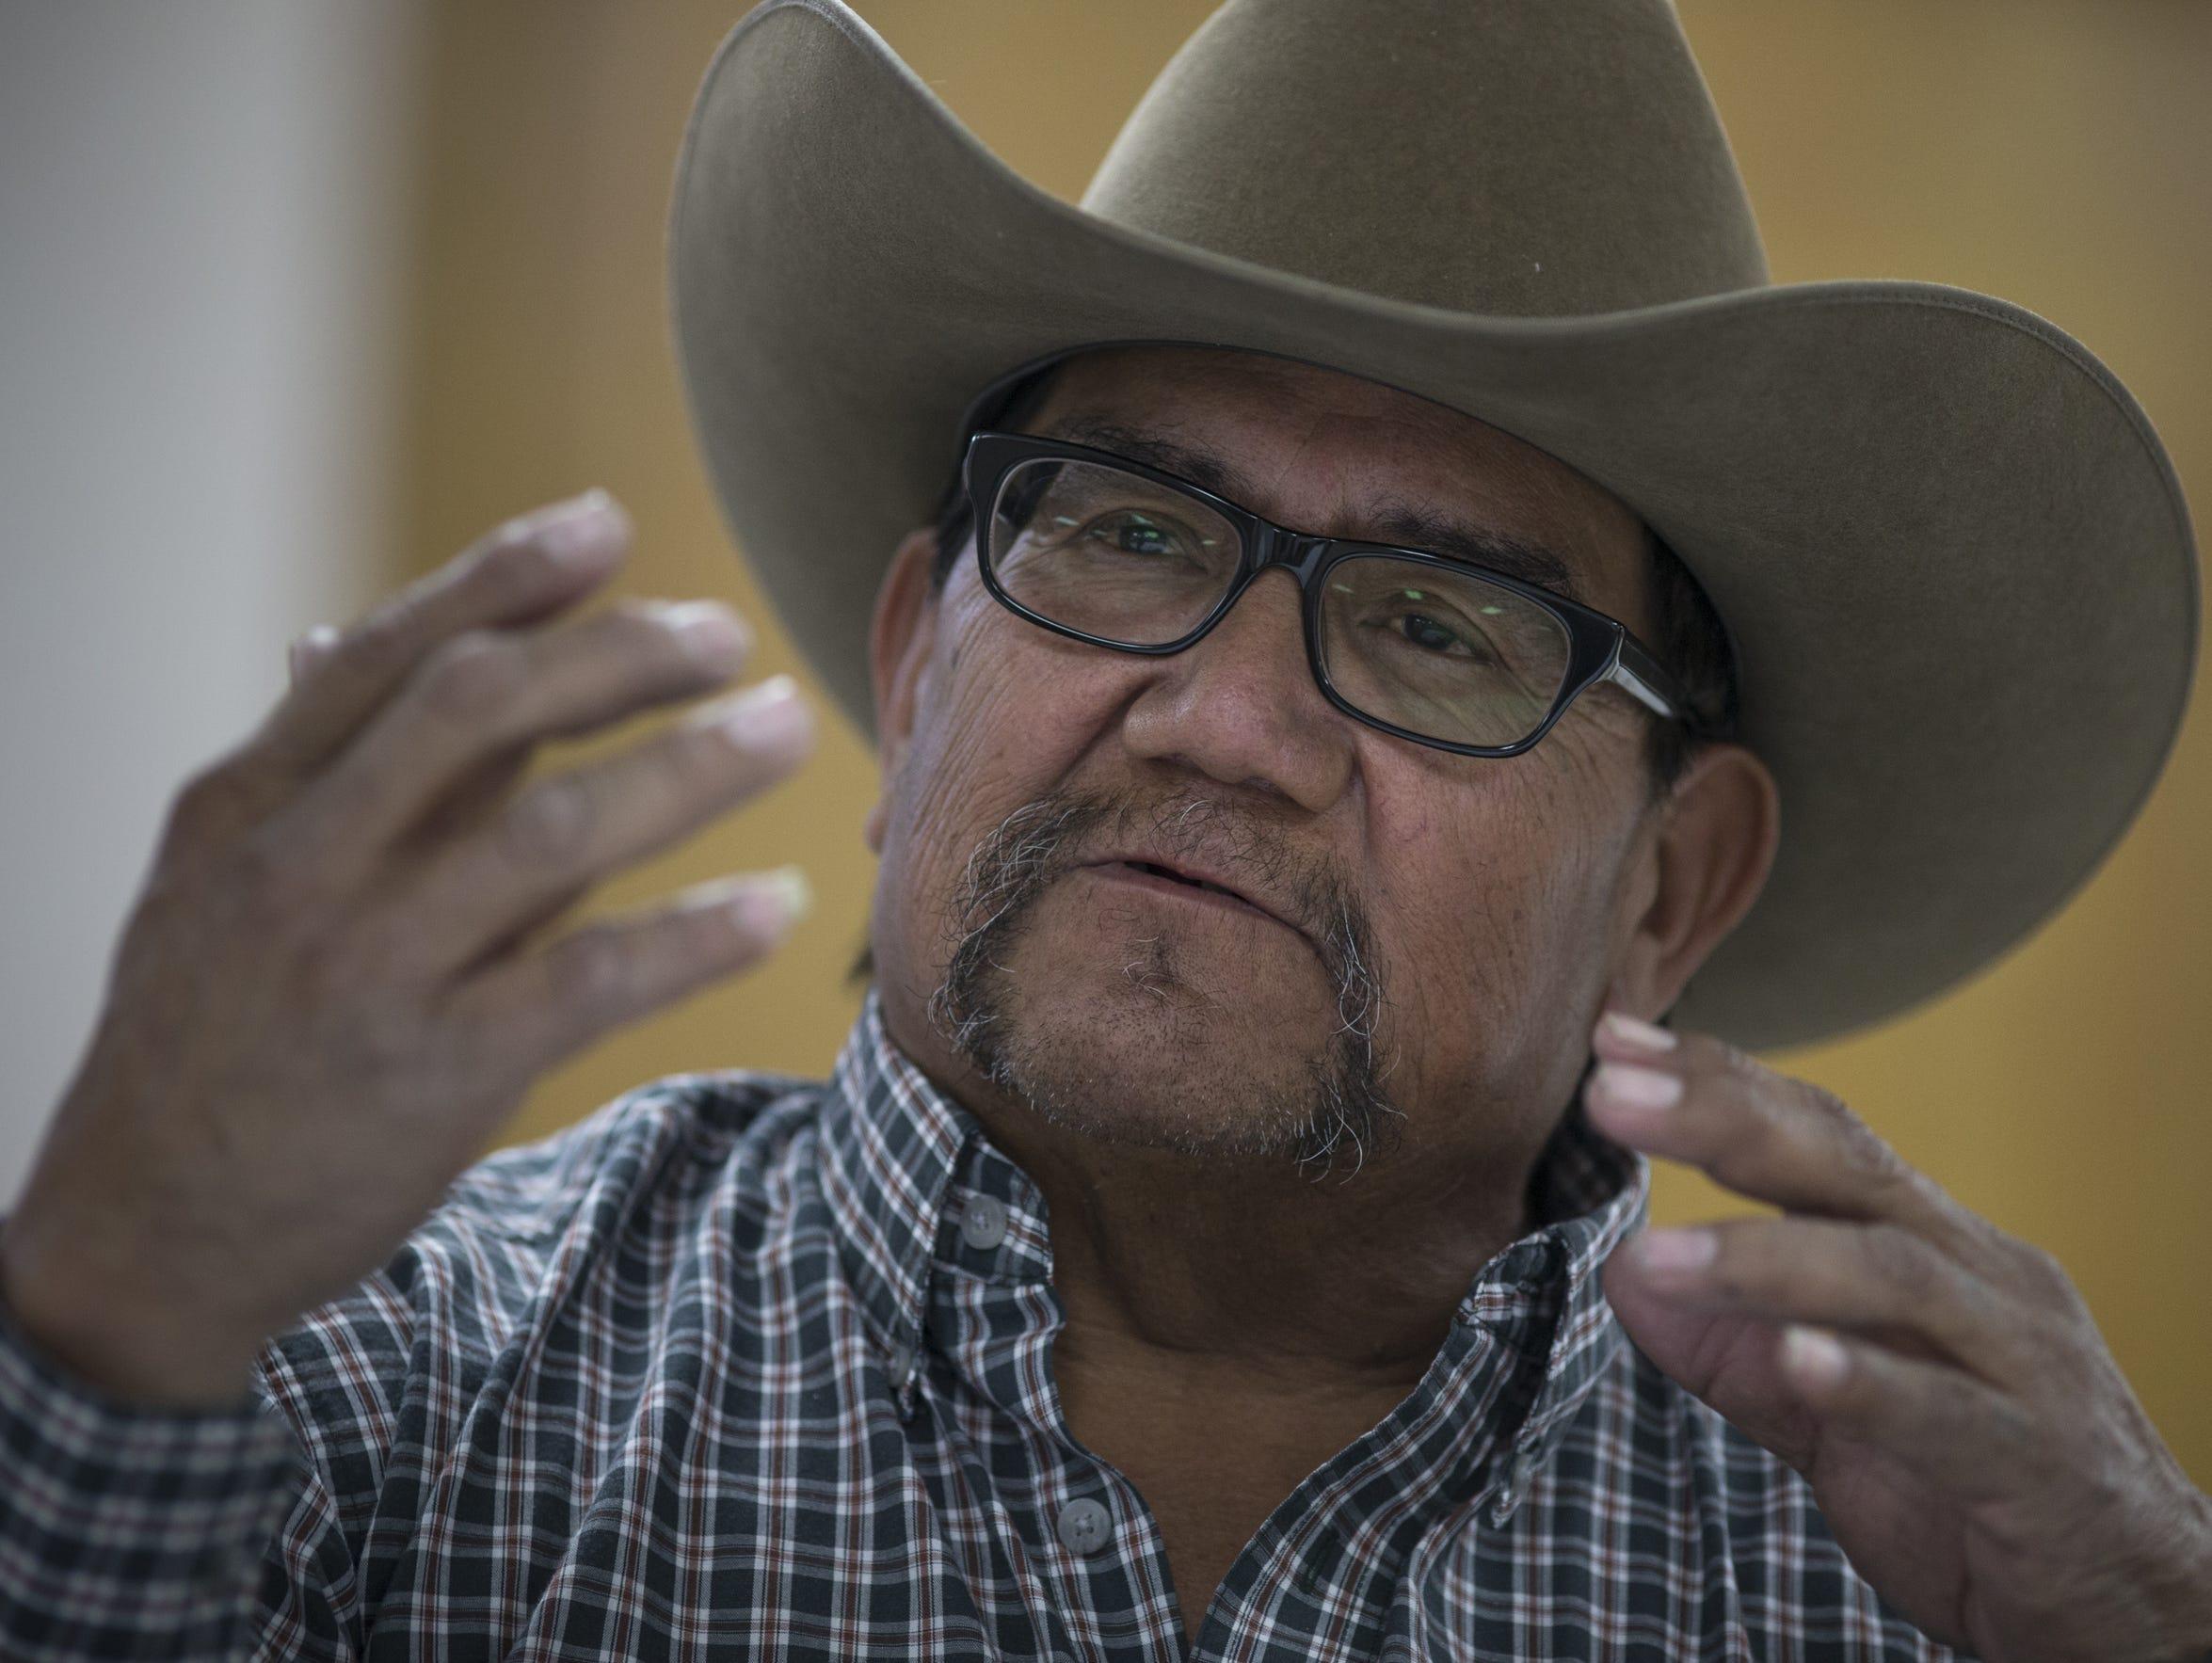 Lewis Pavinyama, a retired mine supervisor, speaks